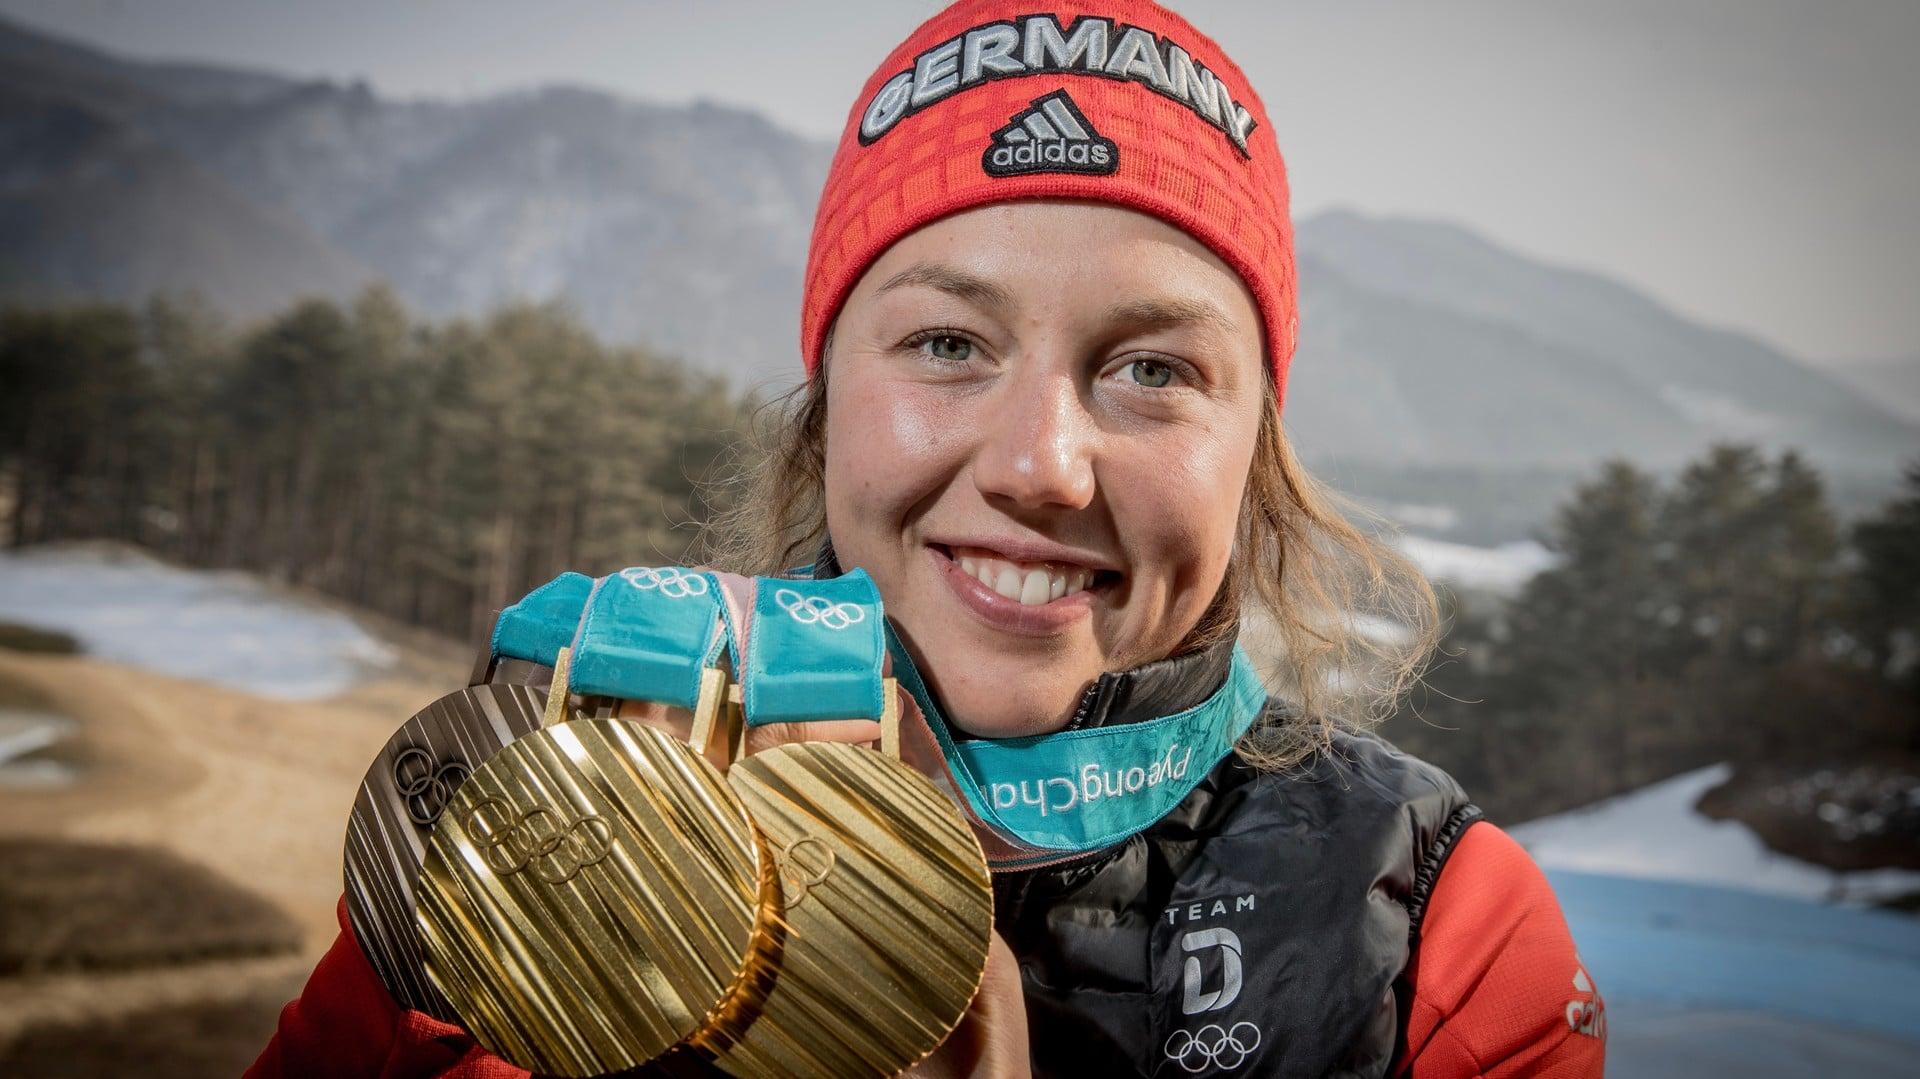 немецкие биатлонистки список фото большой